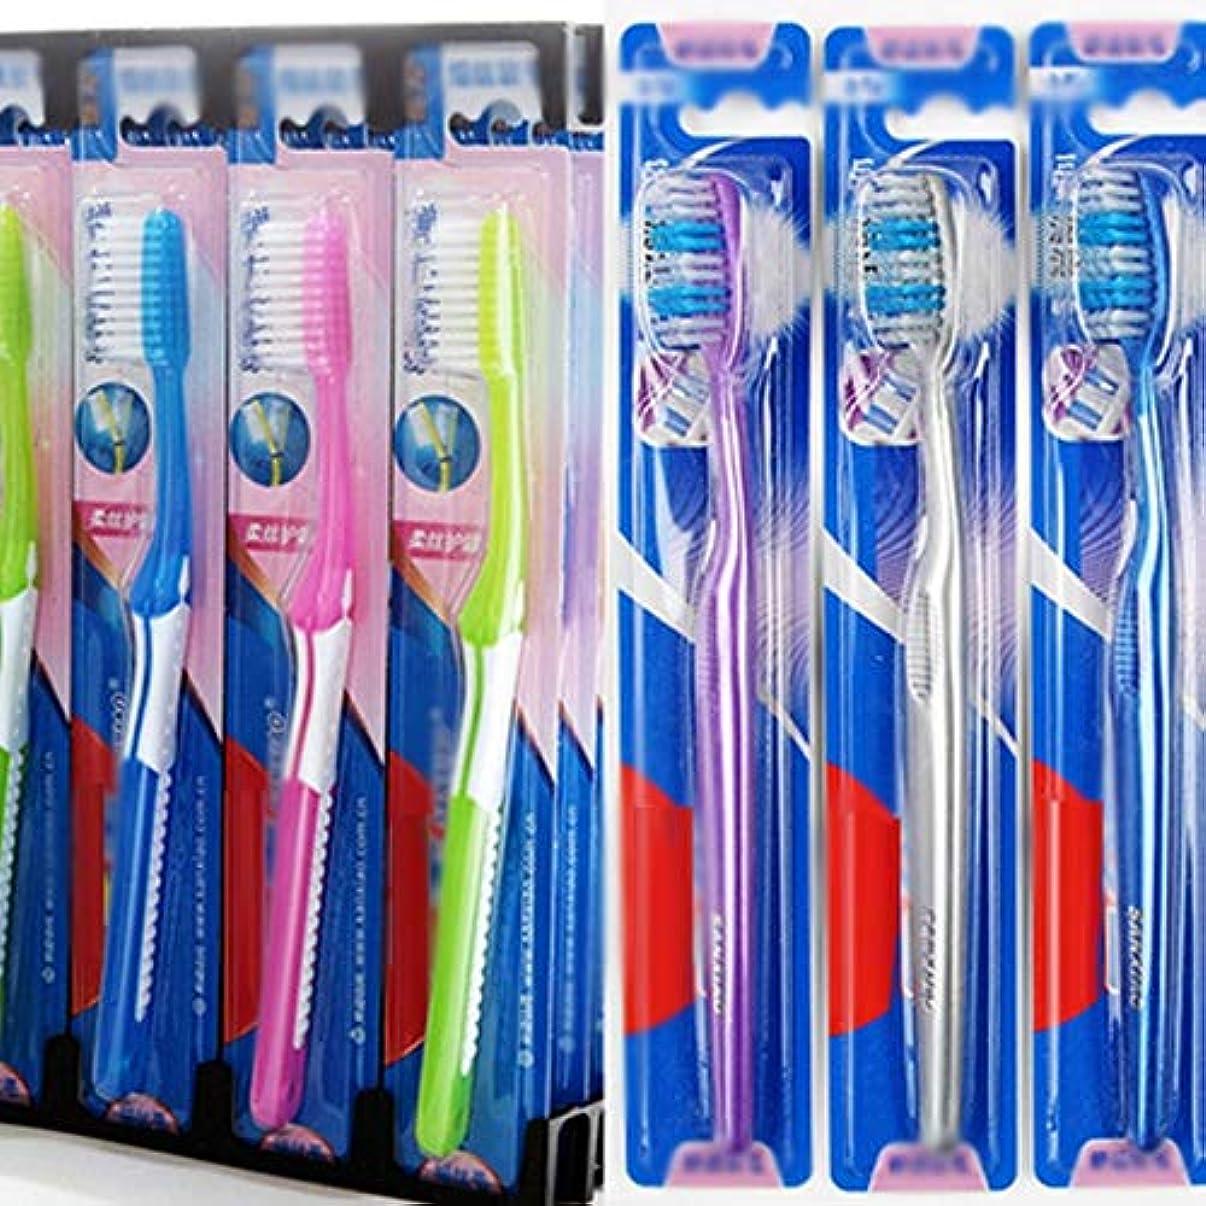 さておき排除するモザイク歯ブラシ 30本のバルク歯ブラシ、ソフト毛歯ブラシ、歯科衛生の深いクリーニング - 使用可能なスタイルの3種類 HL (色 : A, サイズ : 30 packs)